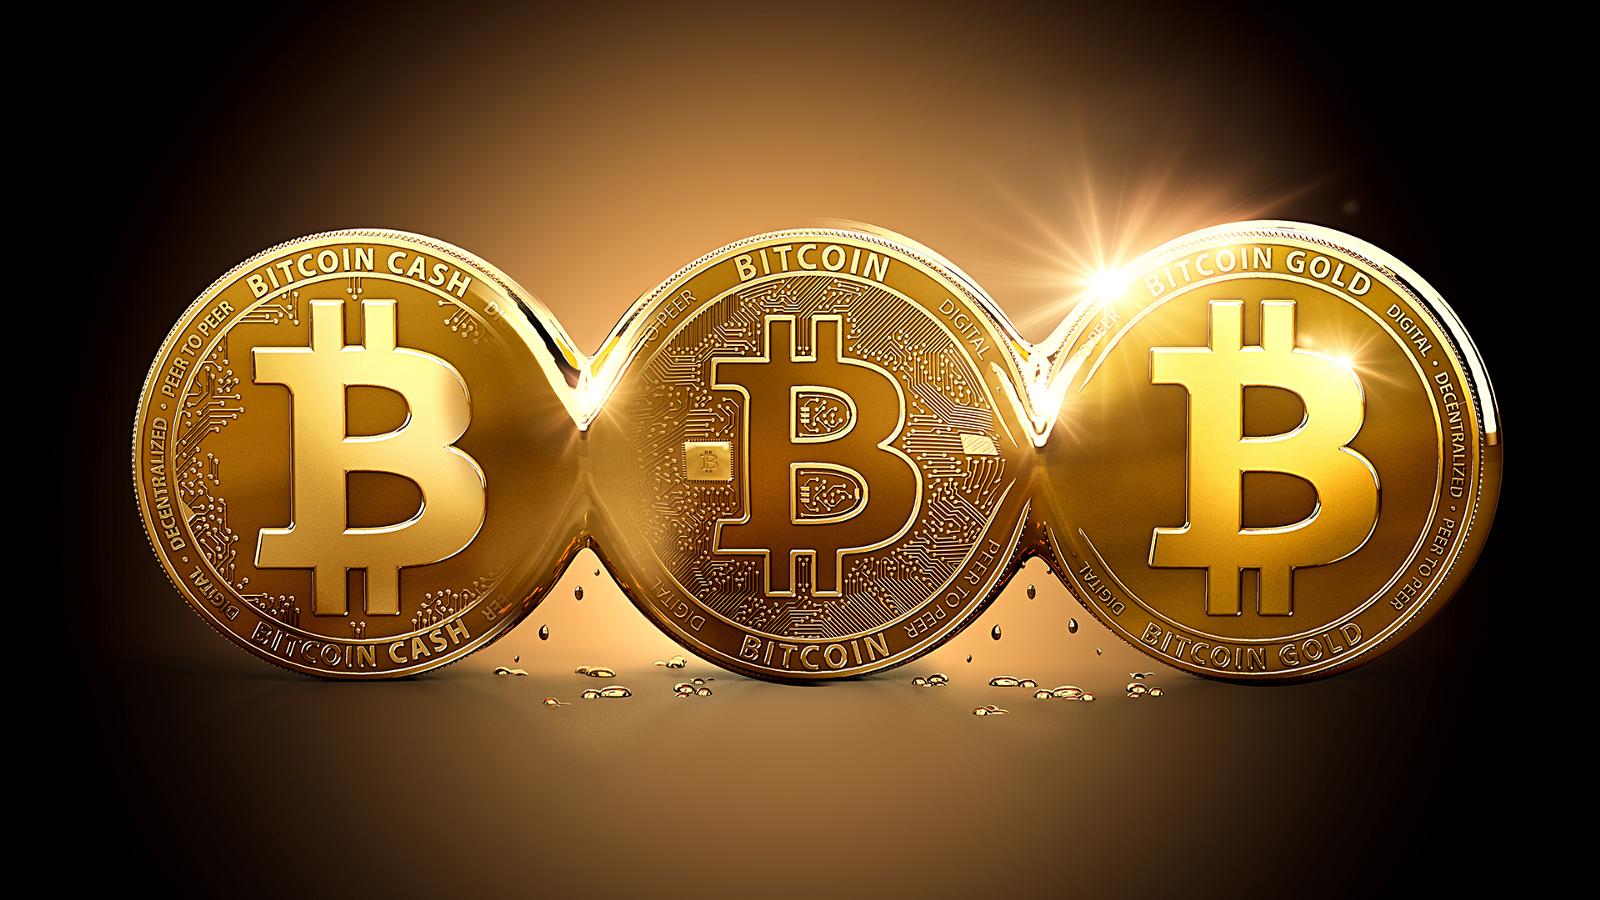 """Брайан Форде: """"Я не получал часть средств от Bitcoin"""""""